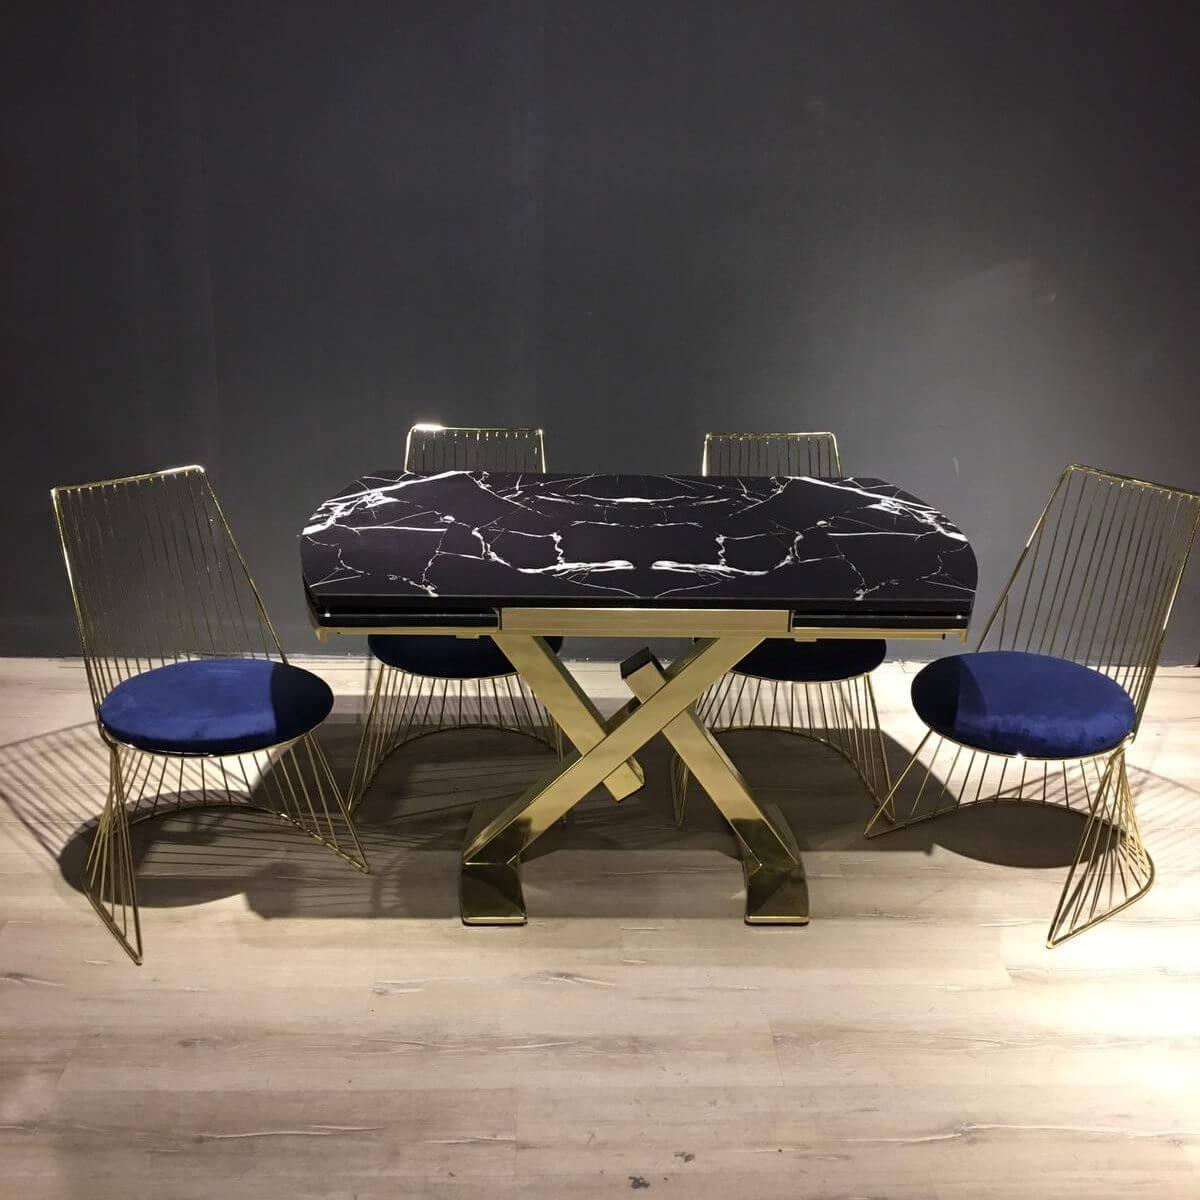 acilir-x-ayak-metal-masa-sandalye-takimi-46198